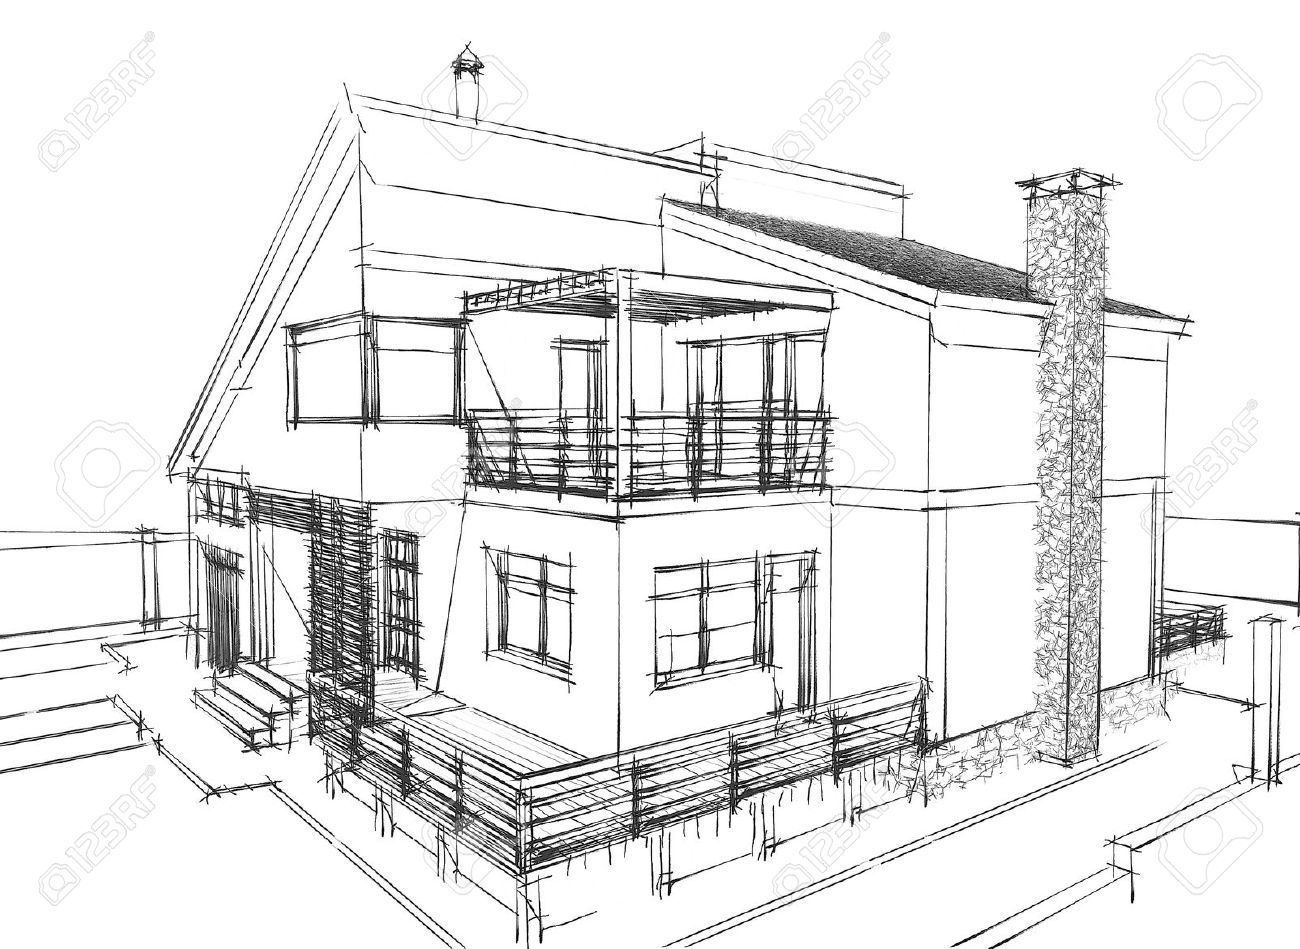 Line Hatching Pencil Conceptual Sketch Creating Depth